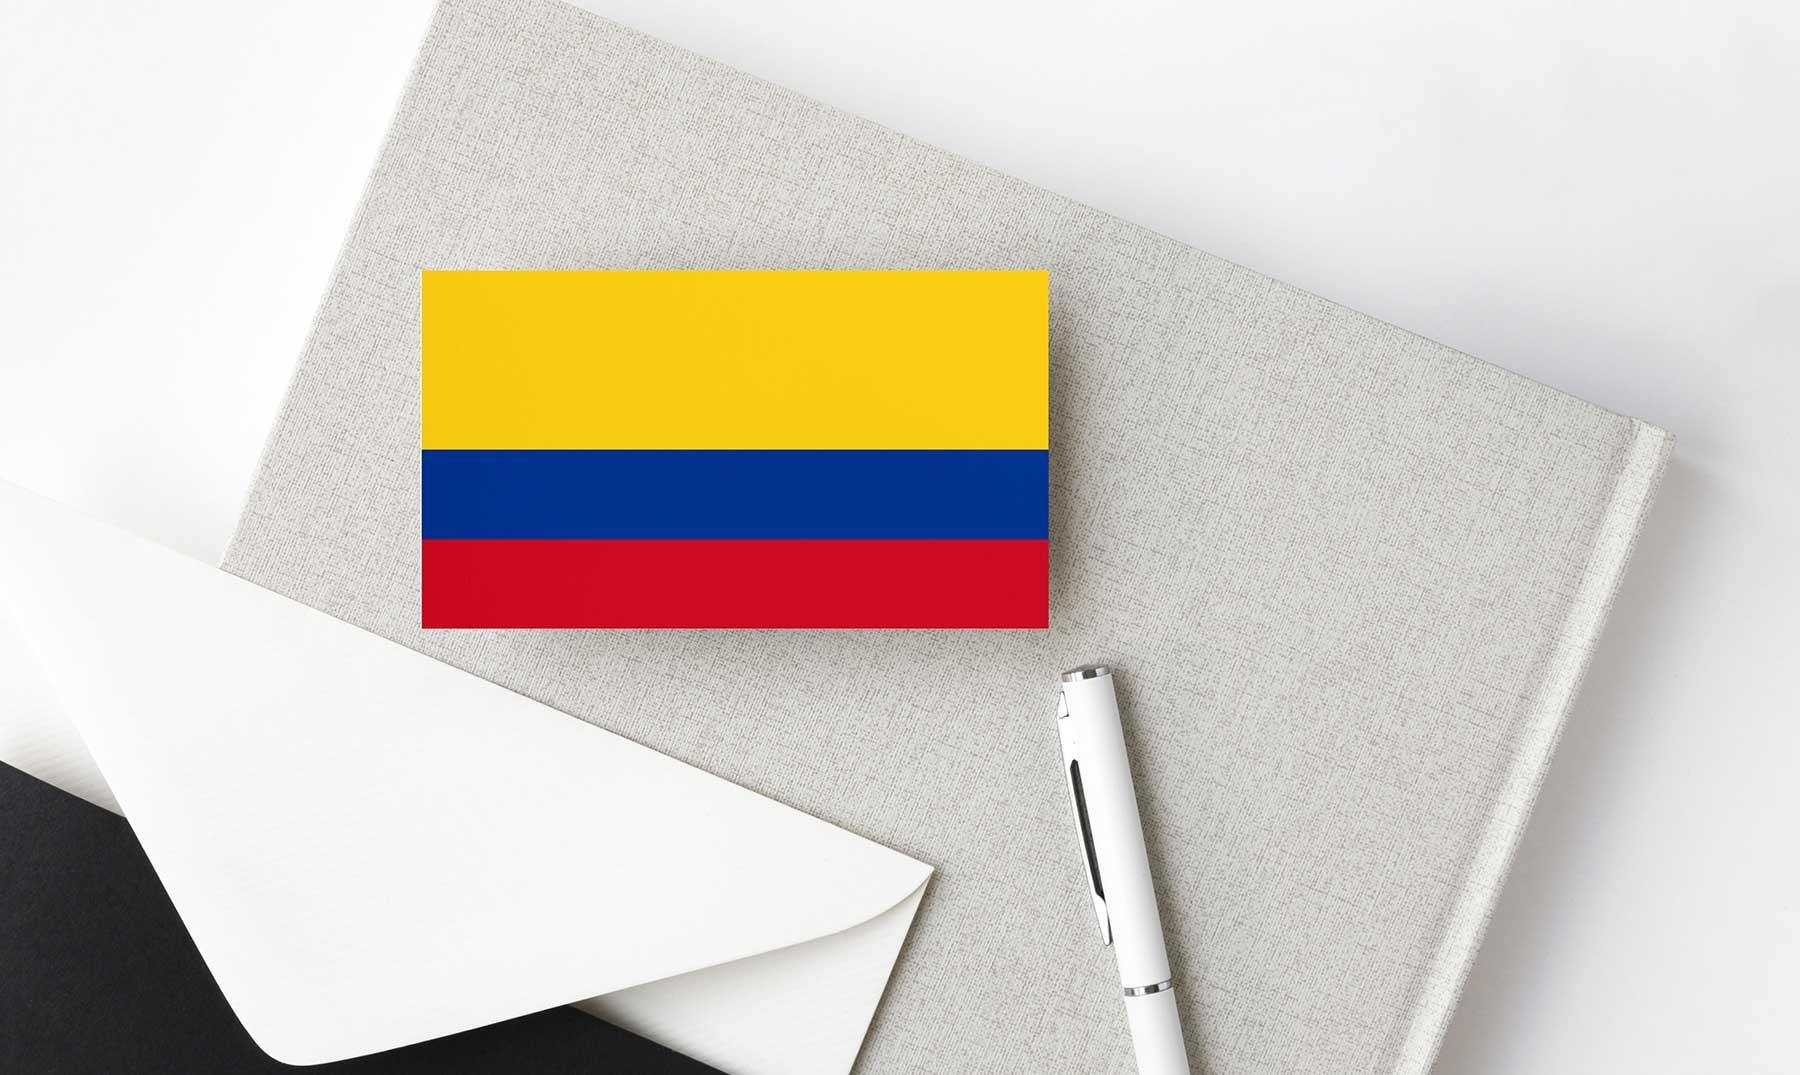 bandera de colombia sobre agenda con lapicero